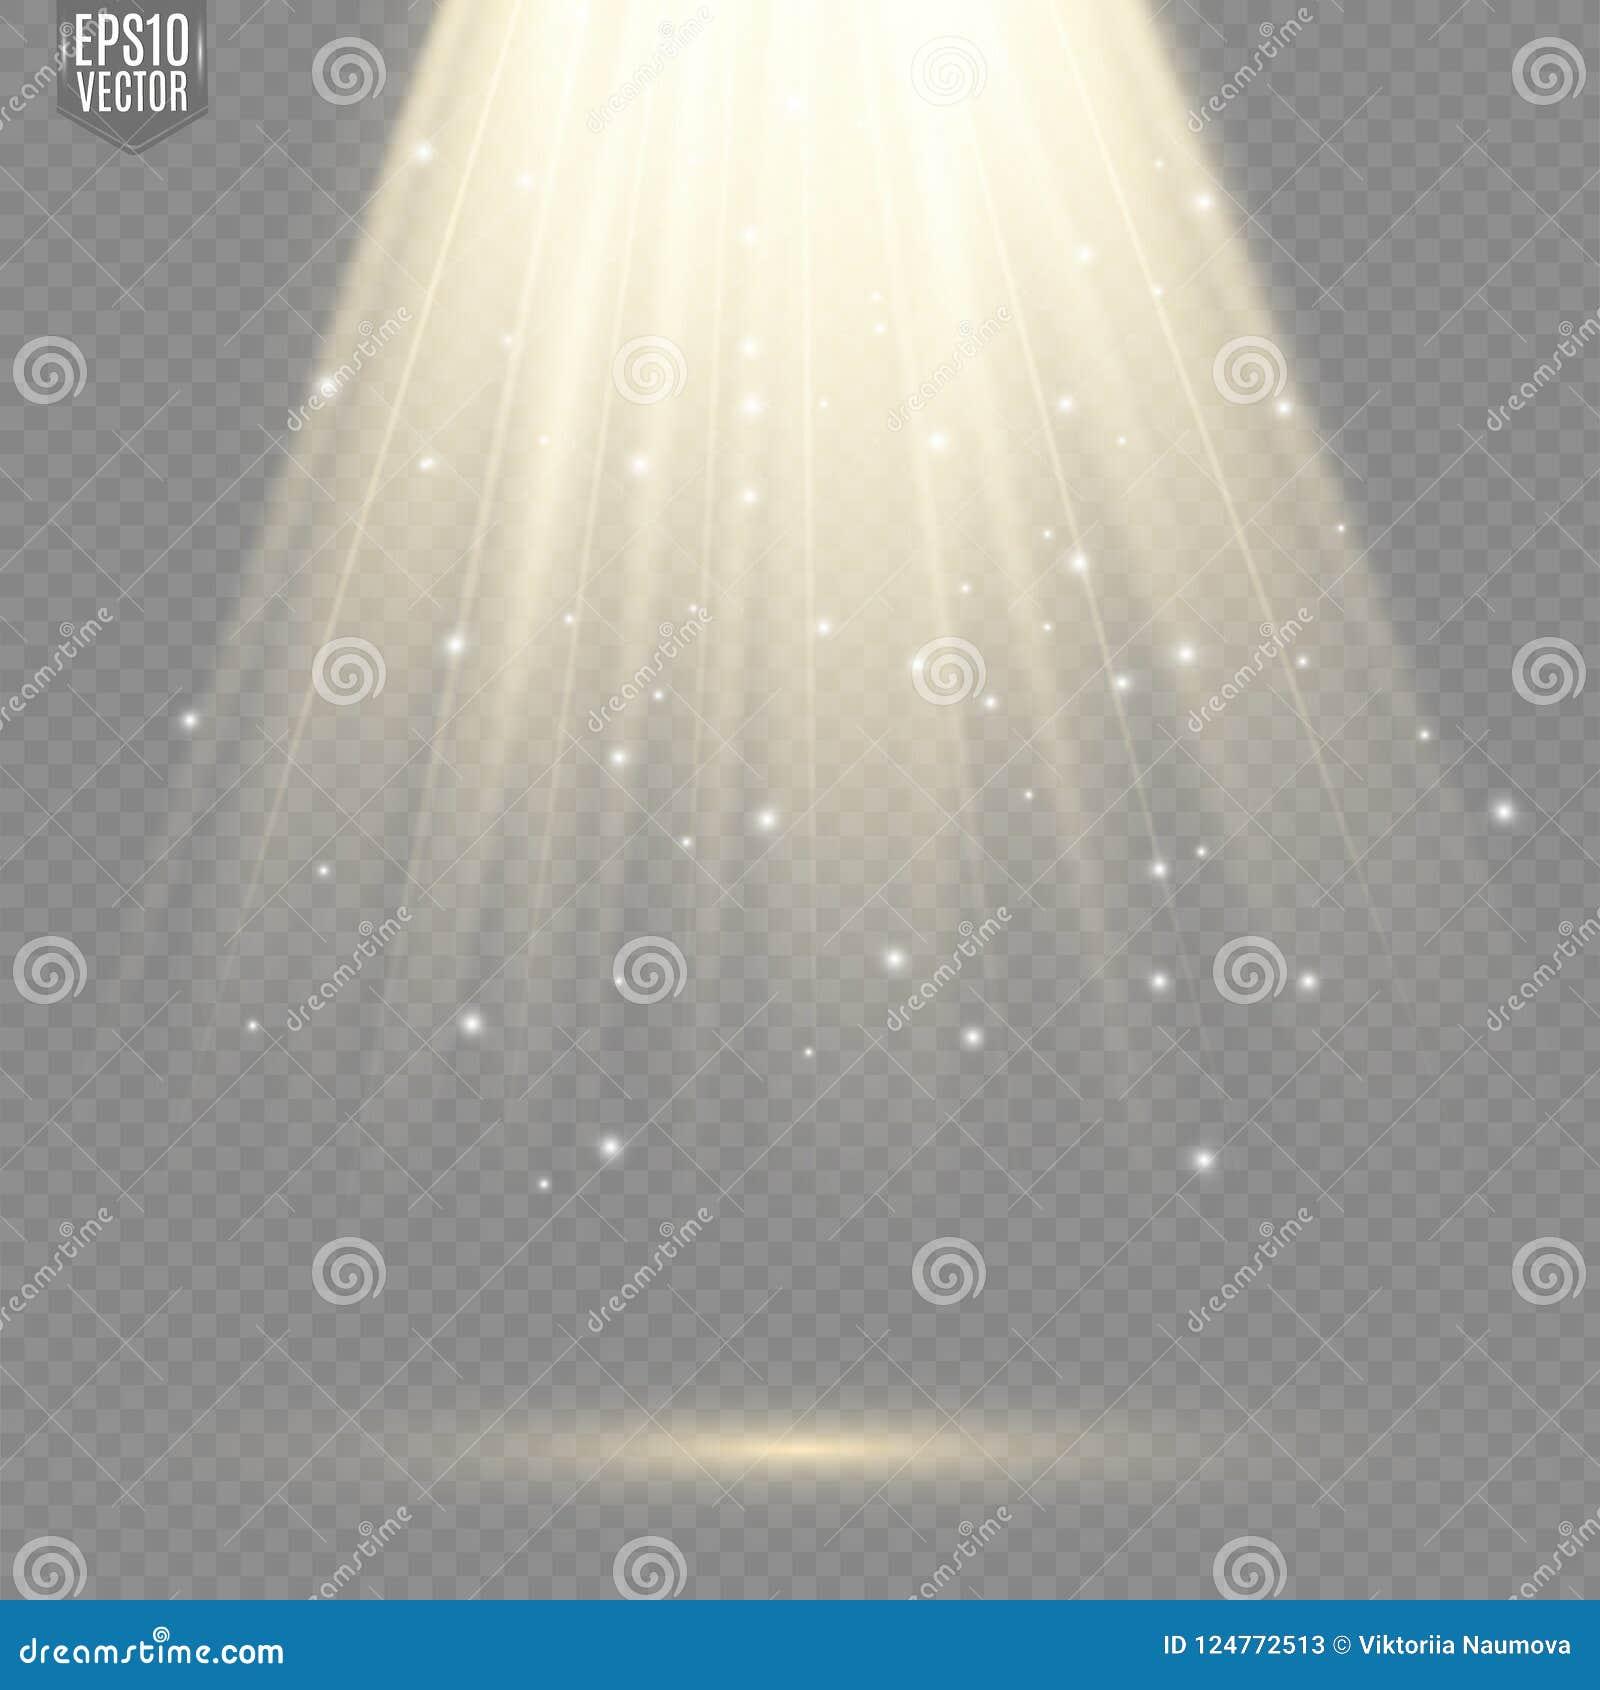 Lichtquellen, Konzertbeleuchtung, Scheinwerfer Konzertscheinwerfer mit Strahl, belichtete Scheinwerfer